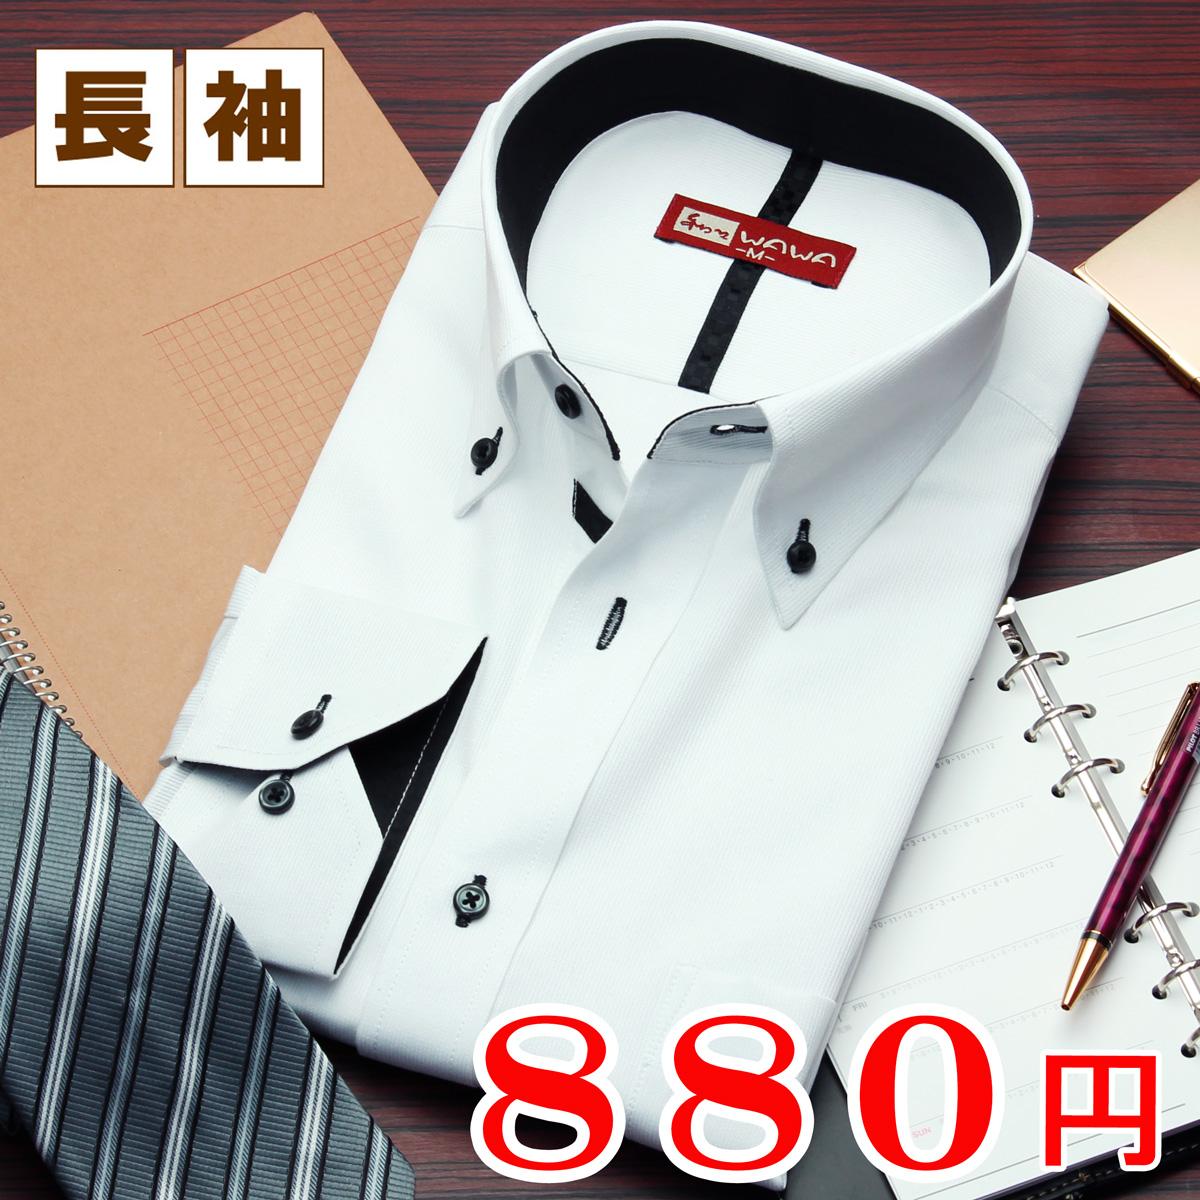 スタンダードホワイトドビー長袖ワイシャツ キャンペーンもお見逃しなく ワイシャツ 長袖 メンズ ホワイト ドビー 通常便なら送料無料 クールビズ ビジネス 白ドビー 10種類から選べる カッターシャツ スリムタイプ